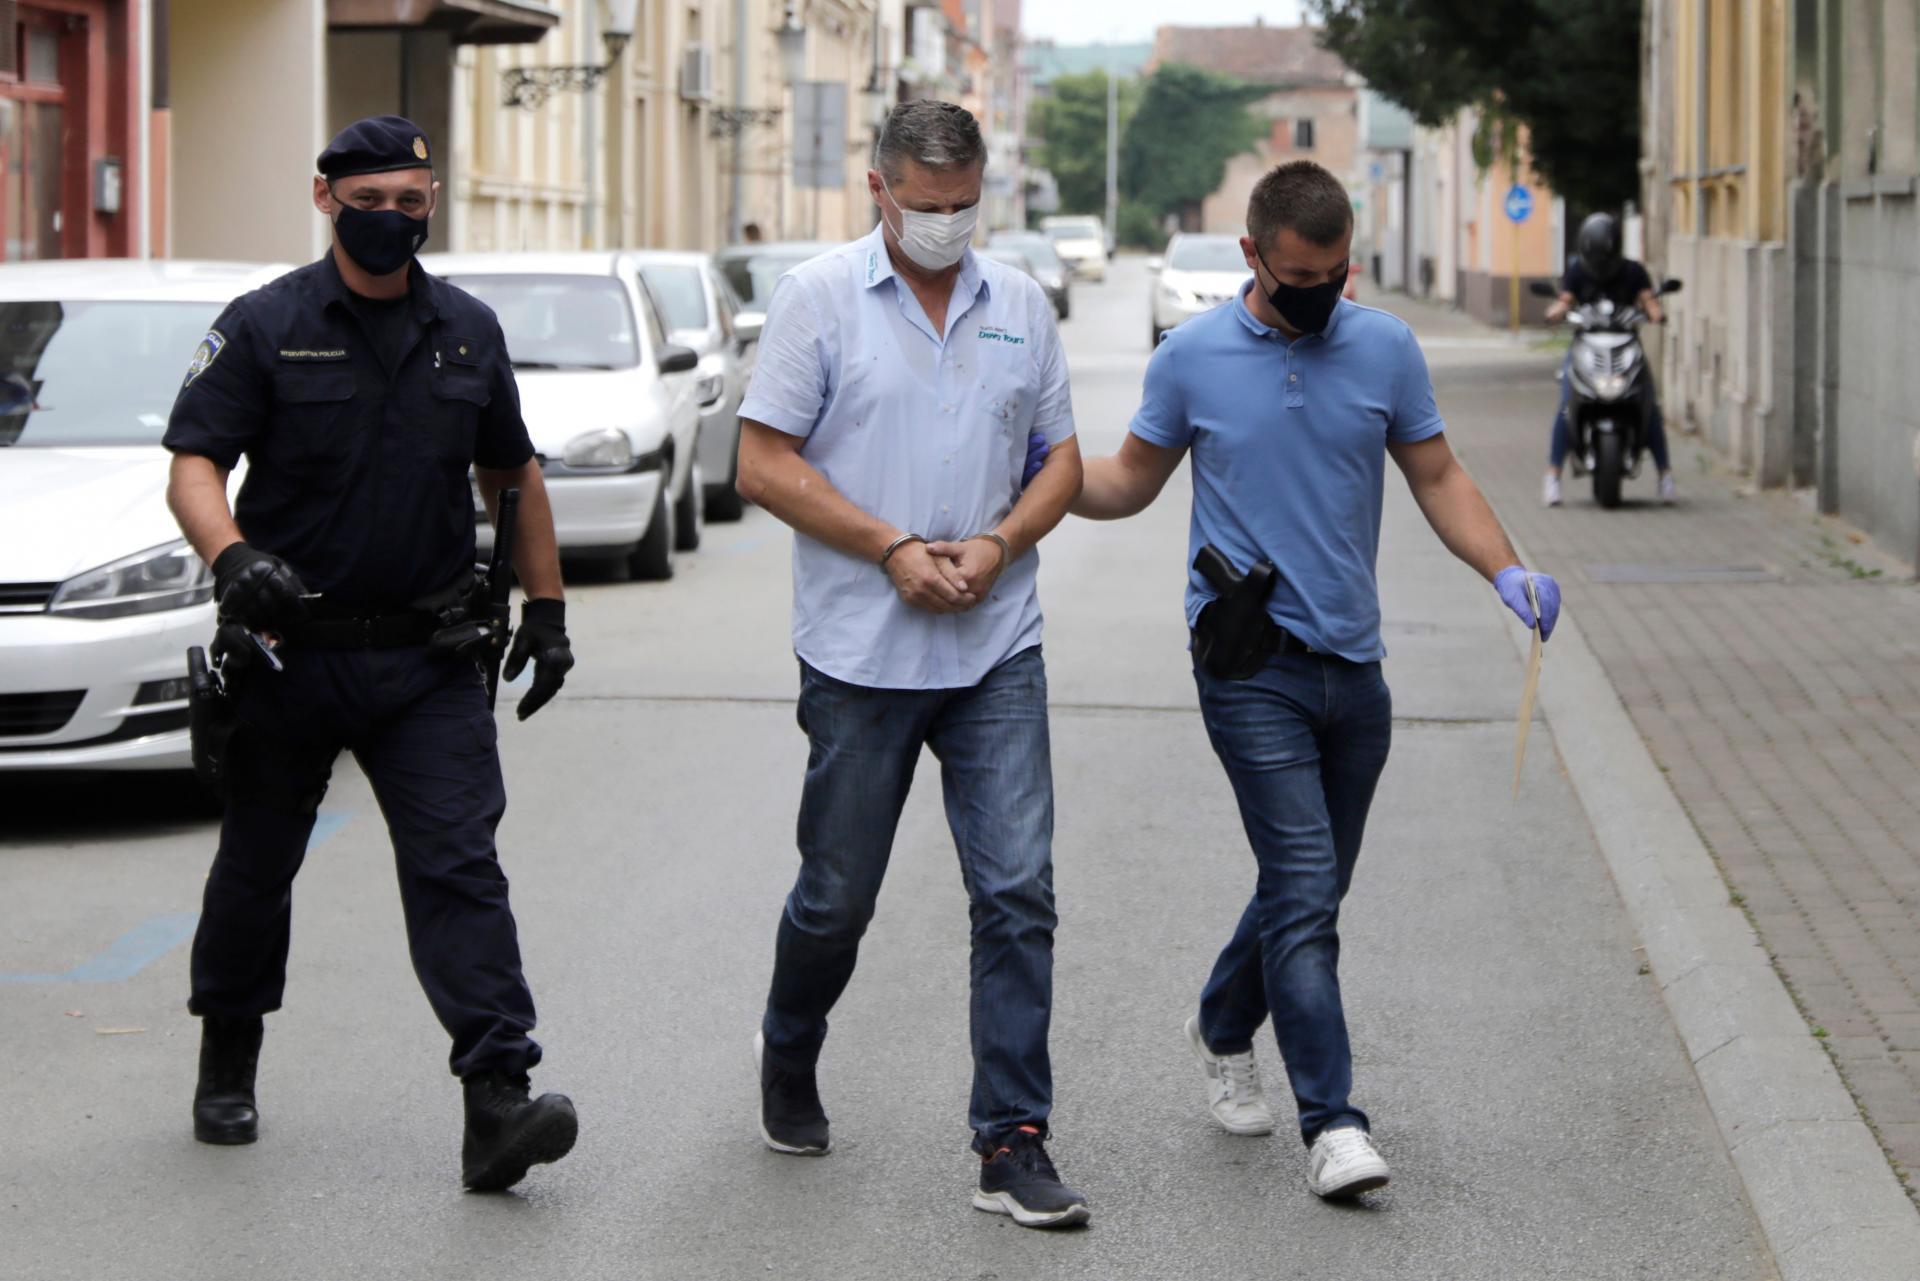 Me pranga dhe këmishën me gjak, sa vite burg rrezikon shoferi që shkaktoi tragjedinë shqiptare?